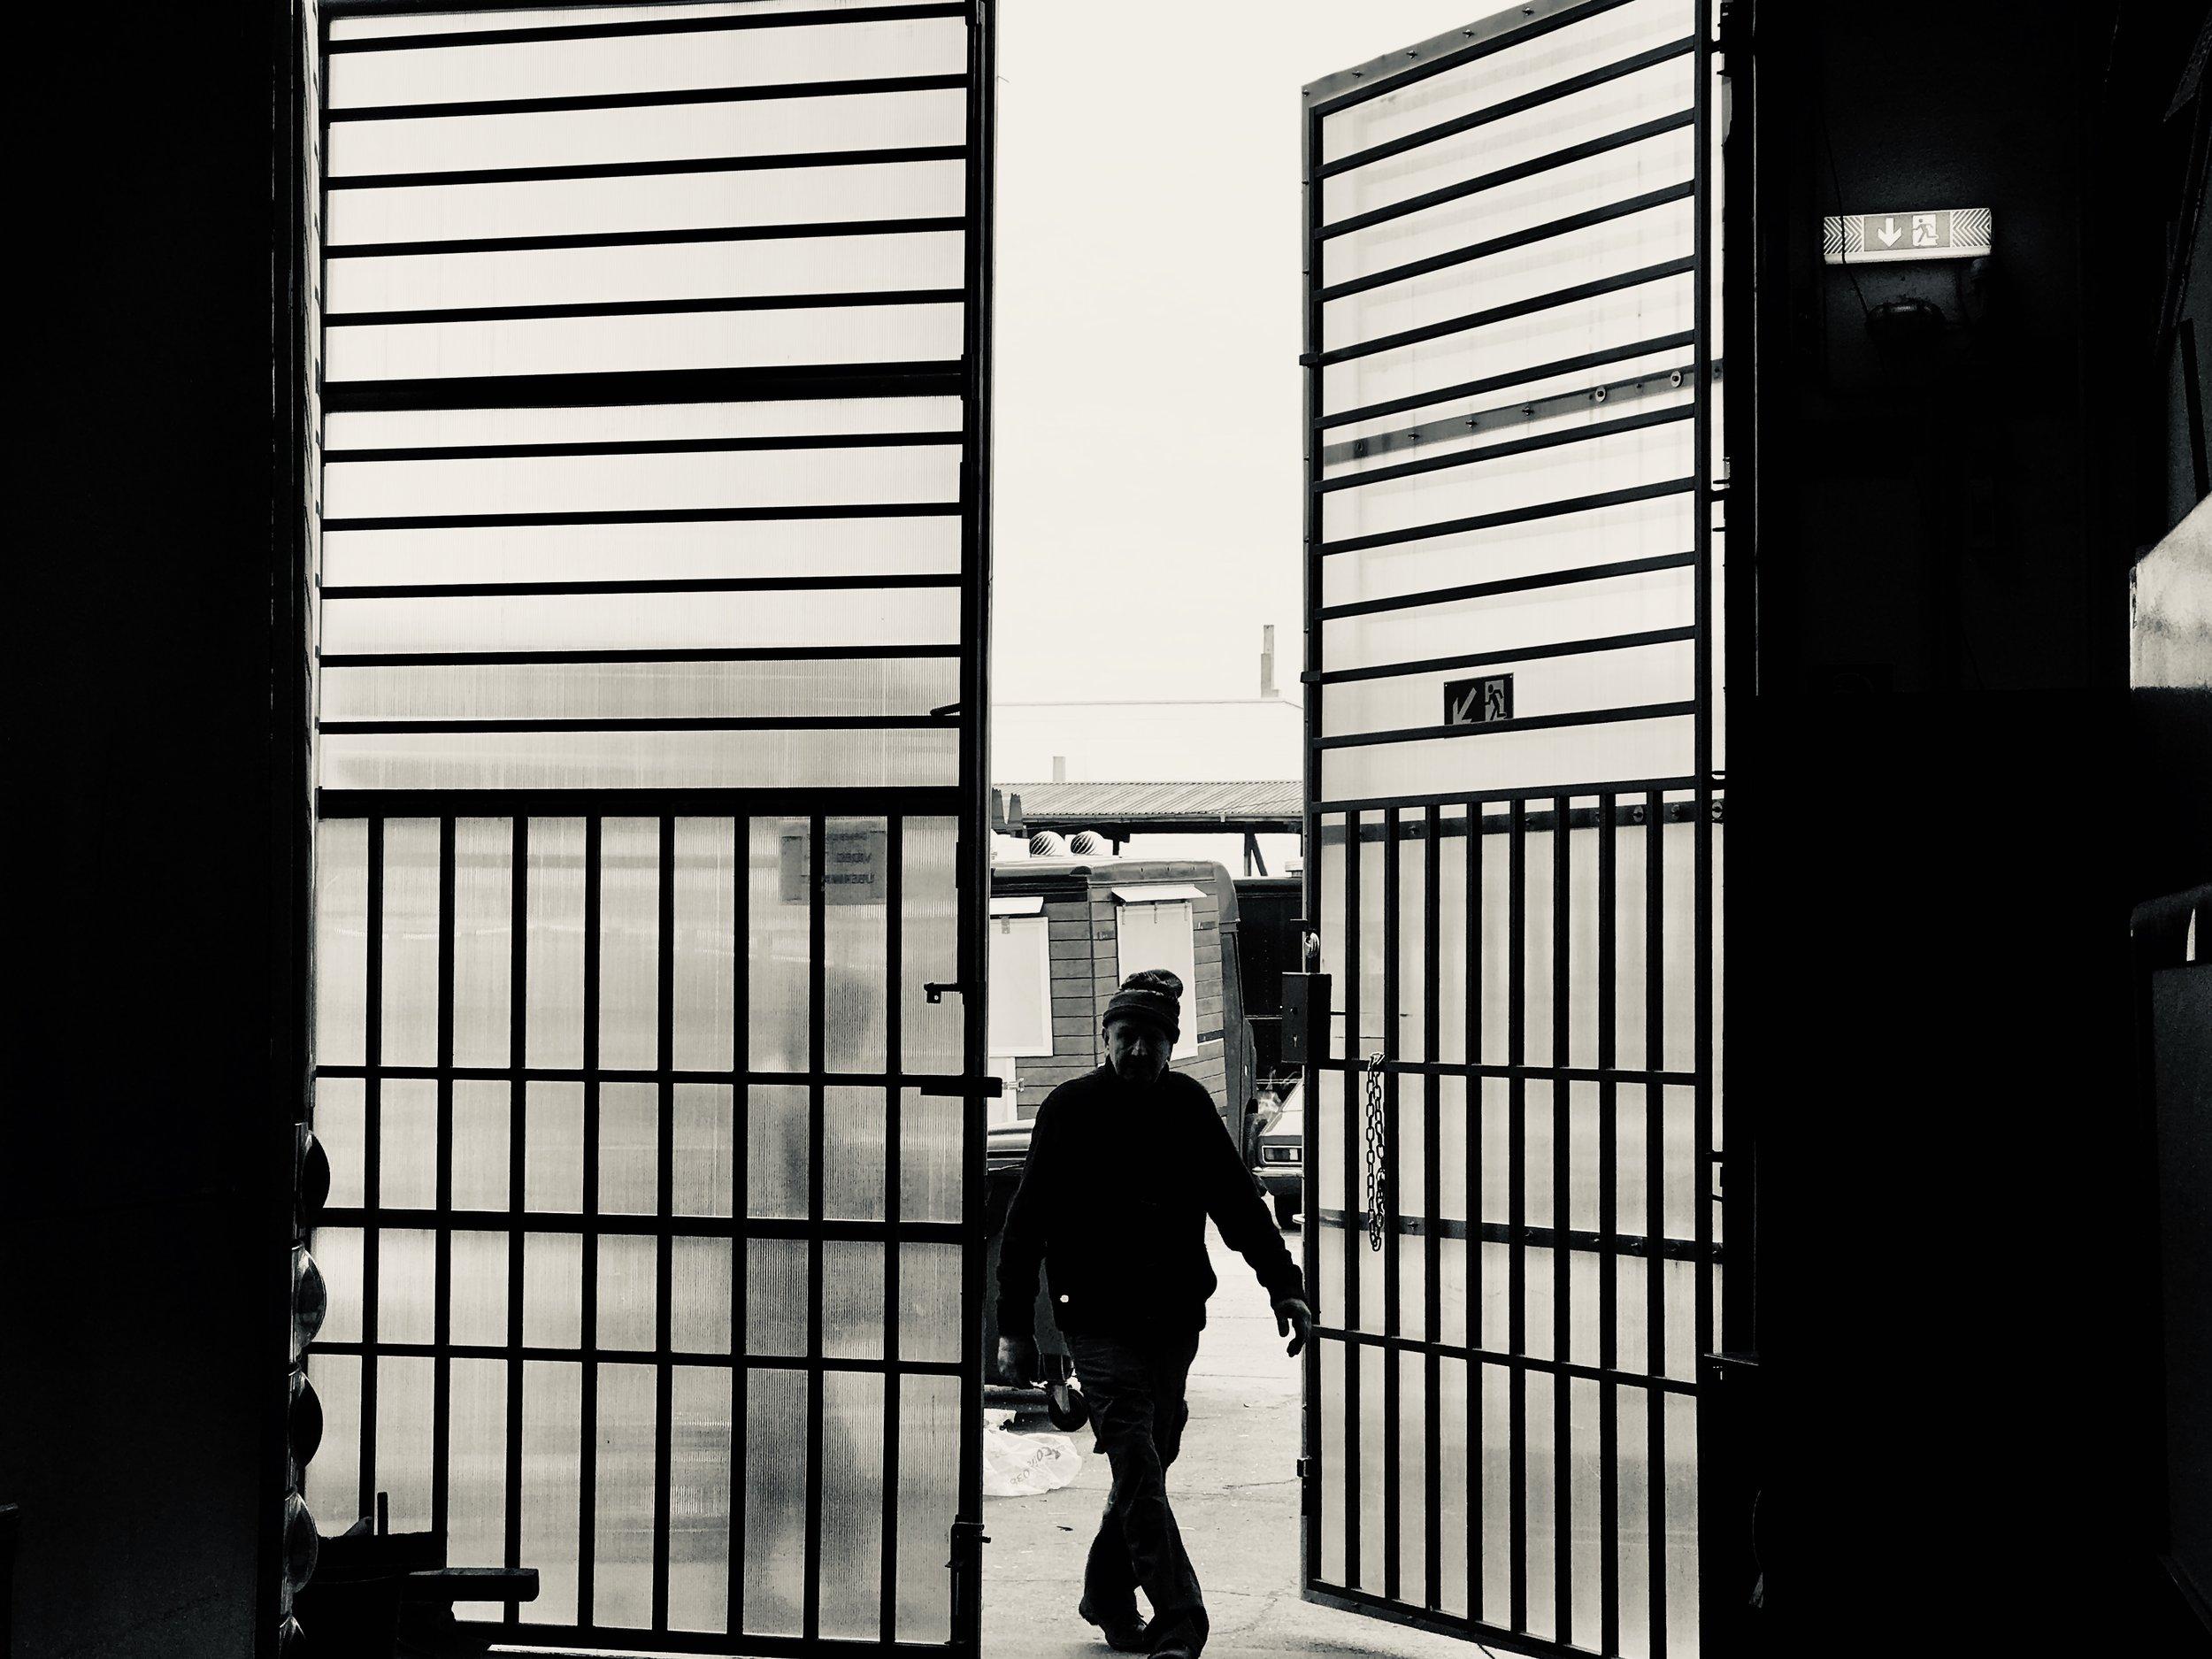 Entering.